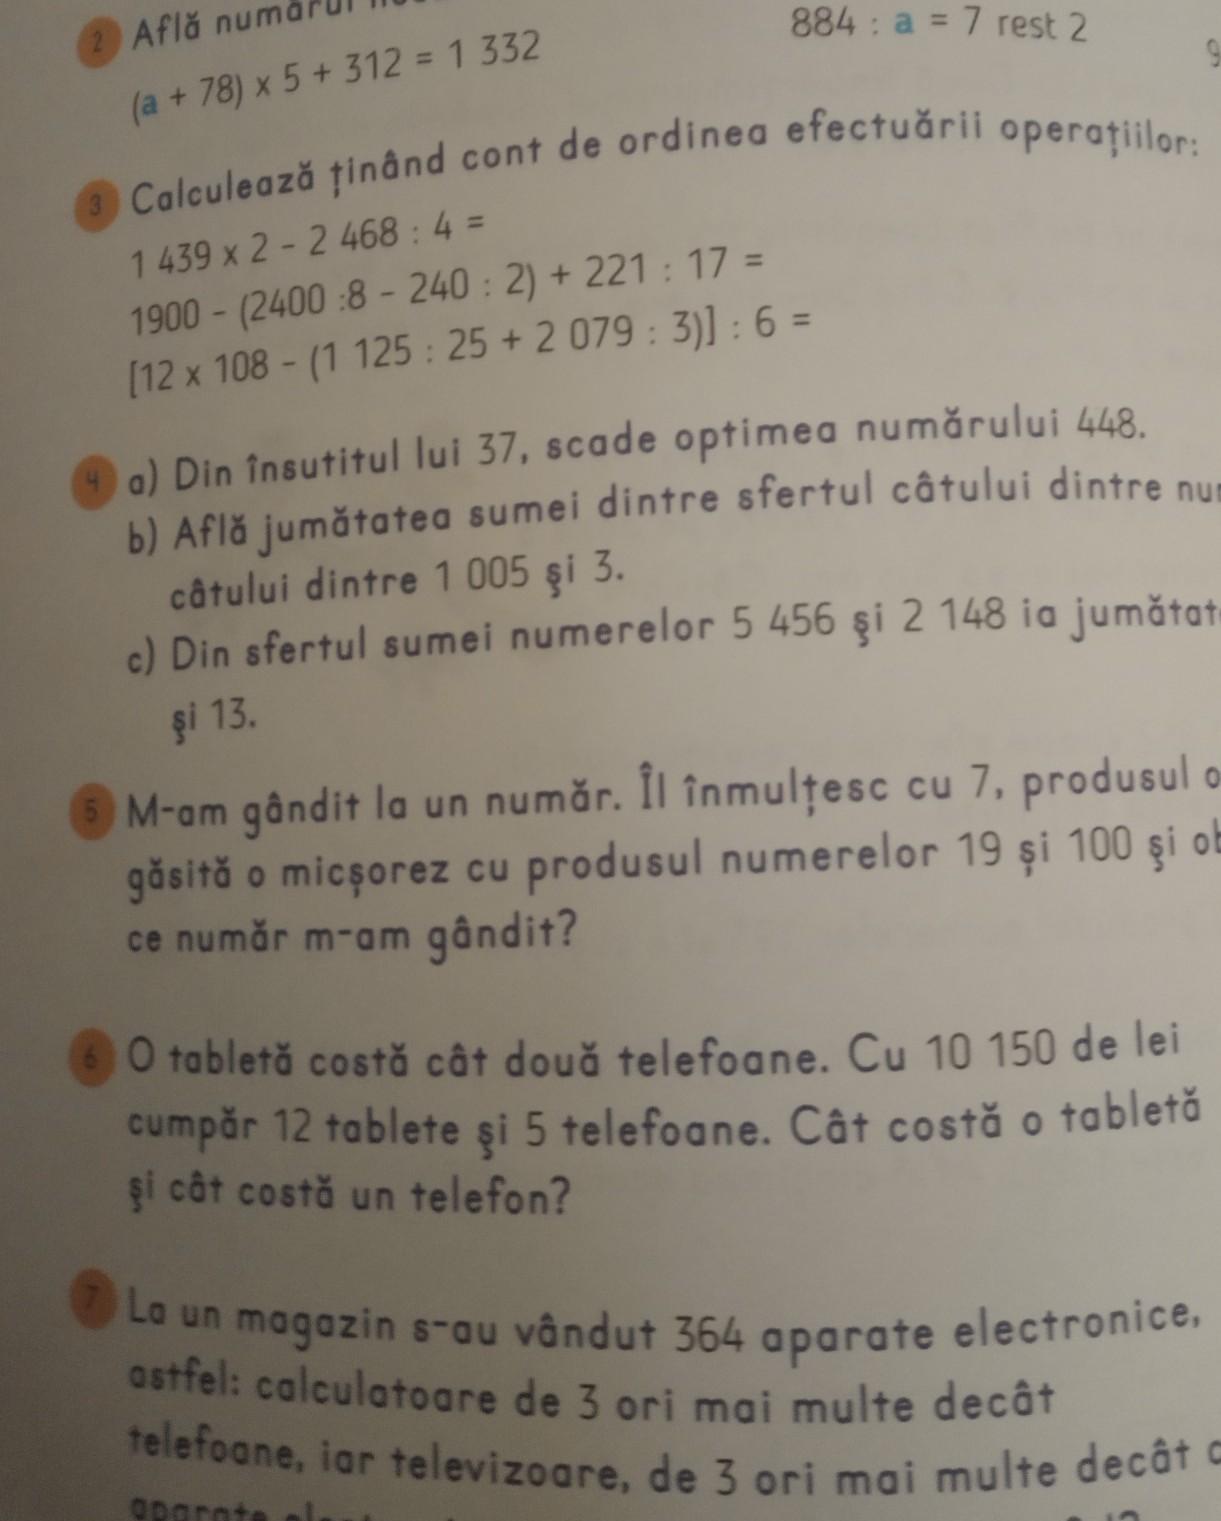 mă ajutați și pe mine la problema 6? - Brainly.ro